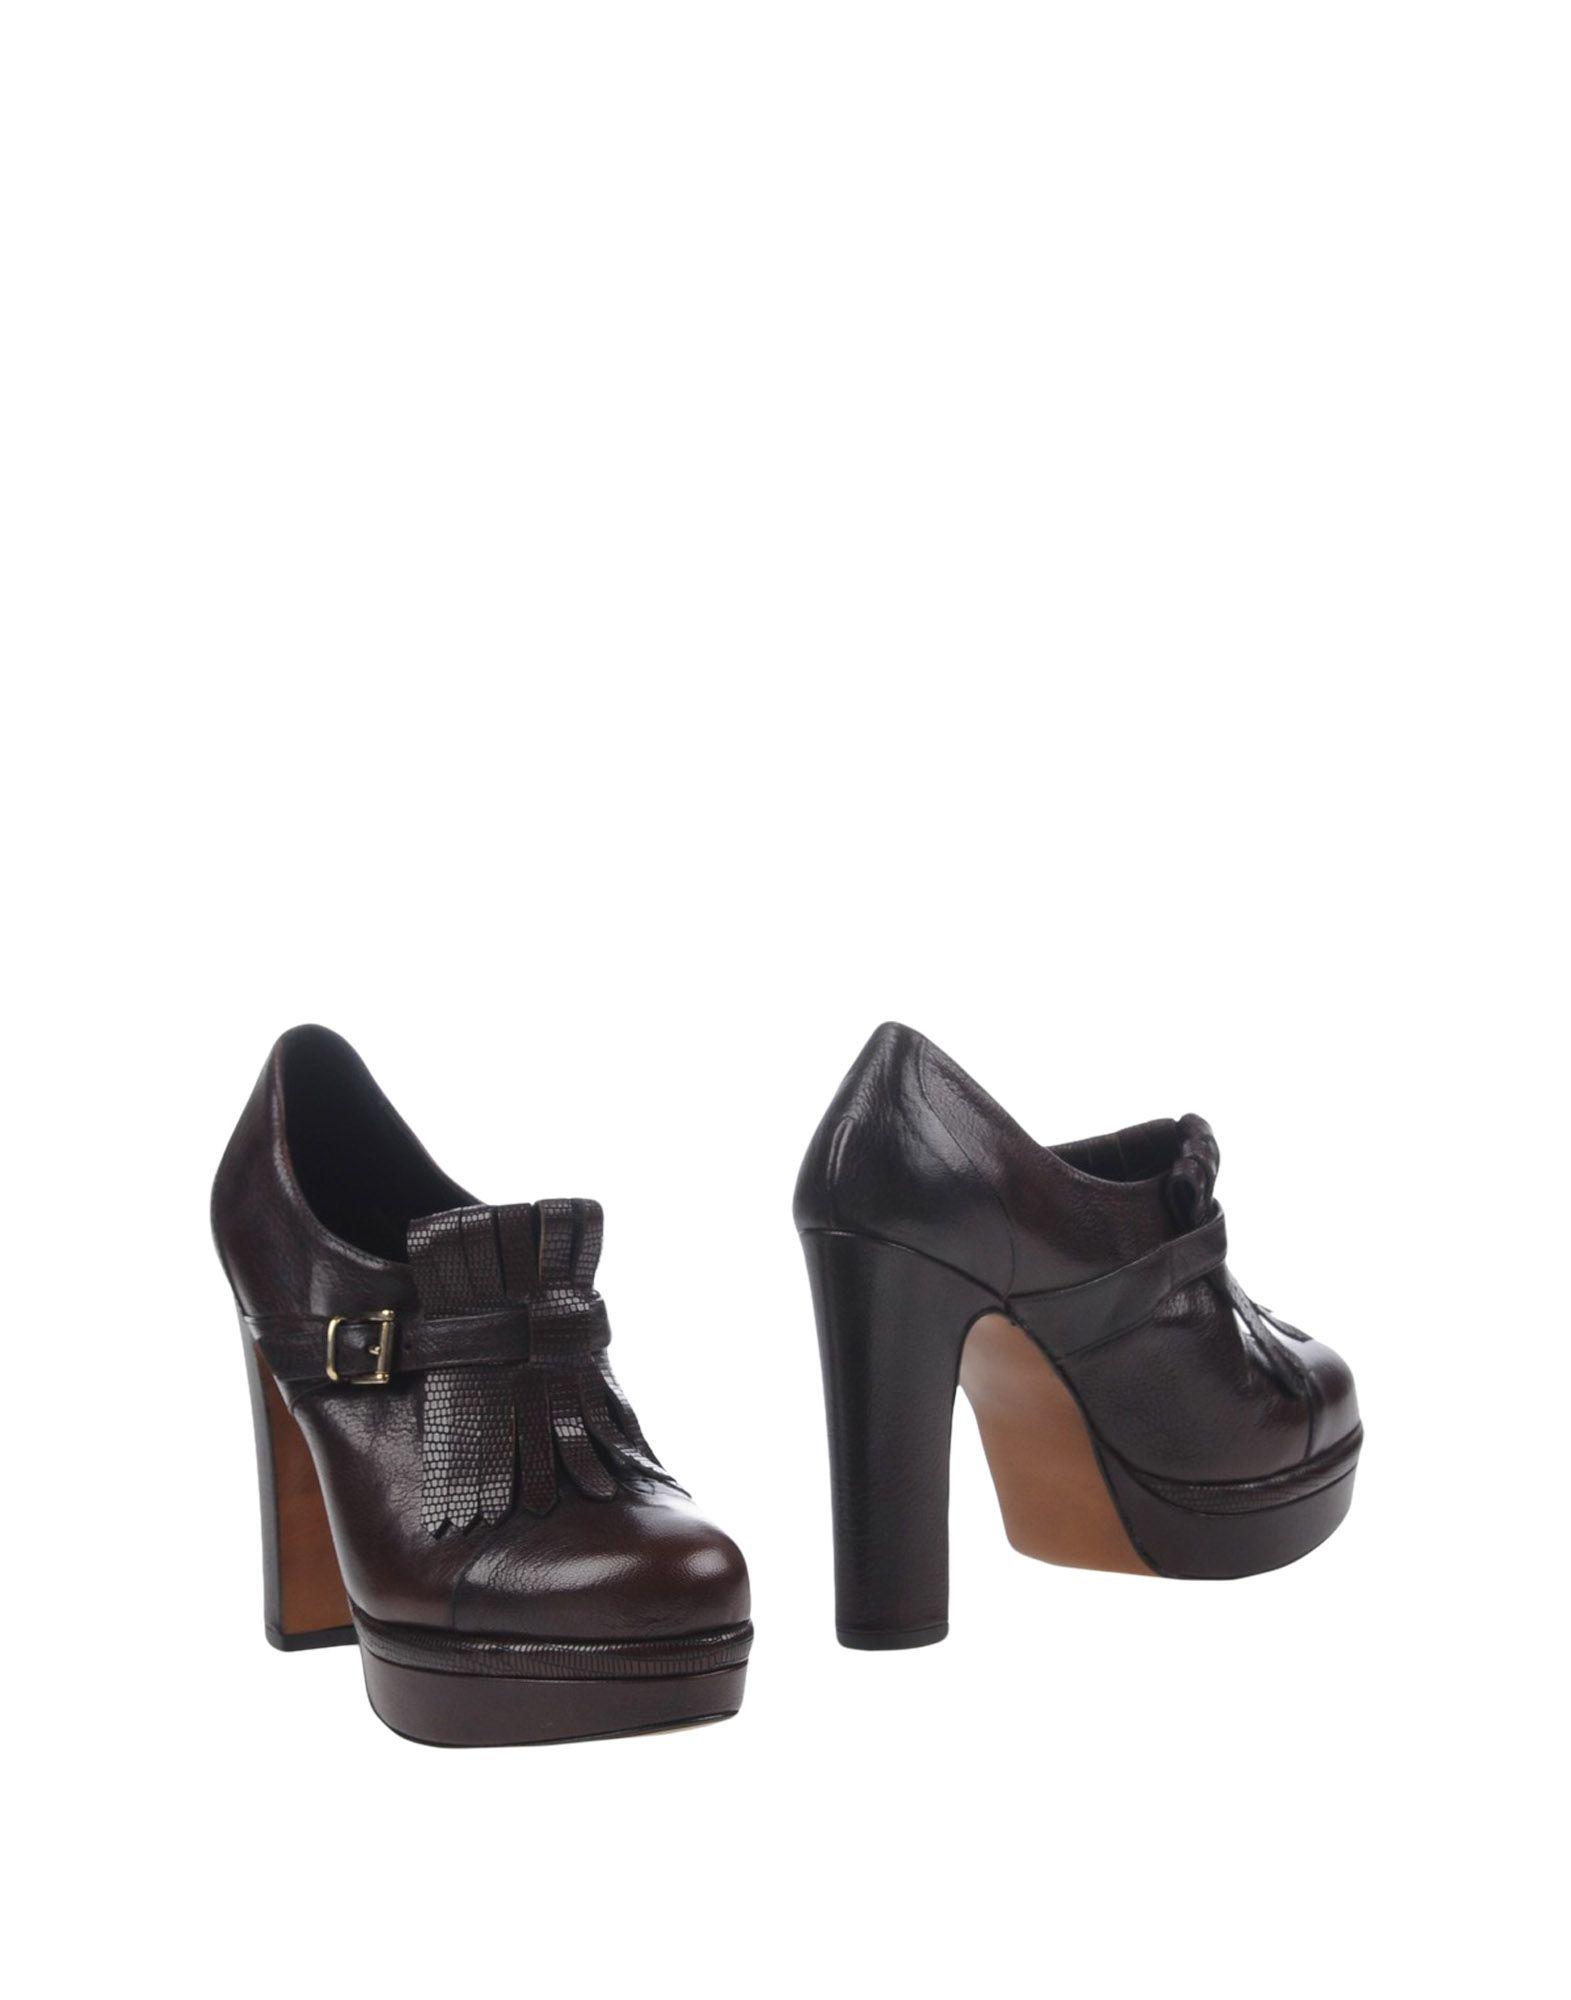 Spaziomoda Stiefelette Damen  11221689CW Gute Qualität beliebte Schuhe